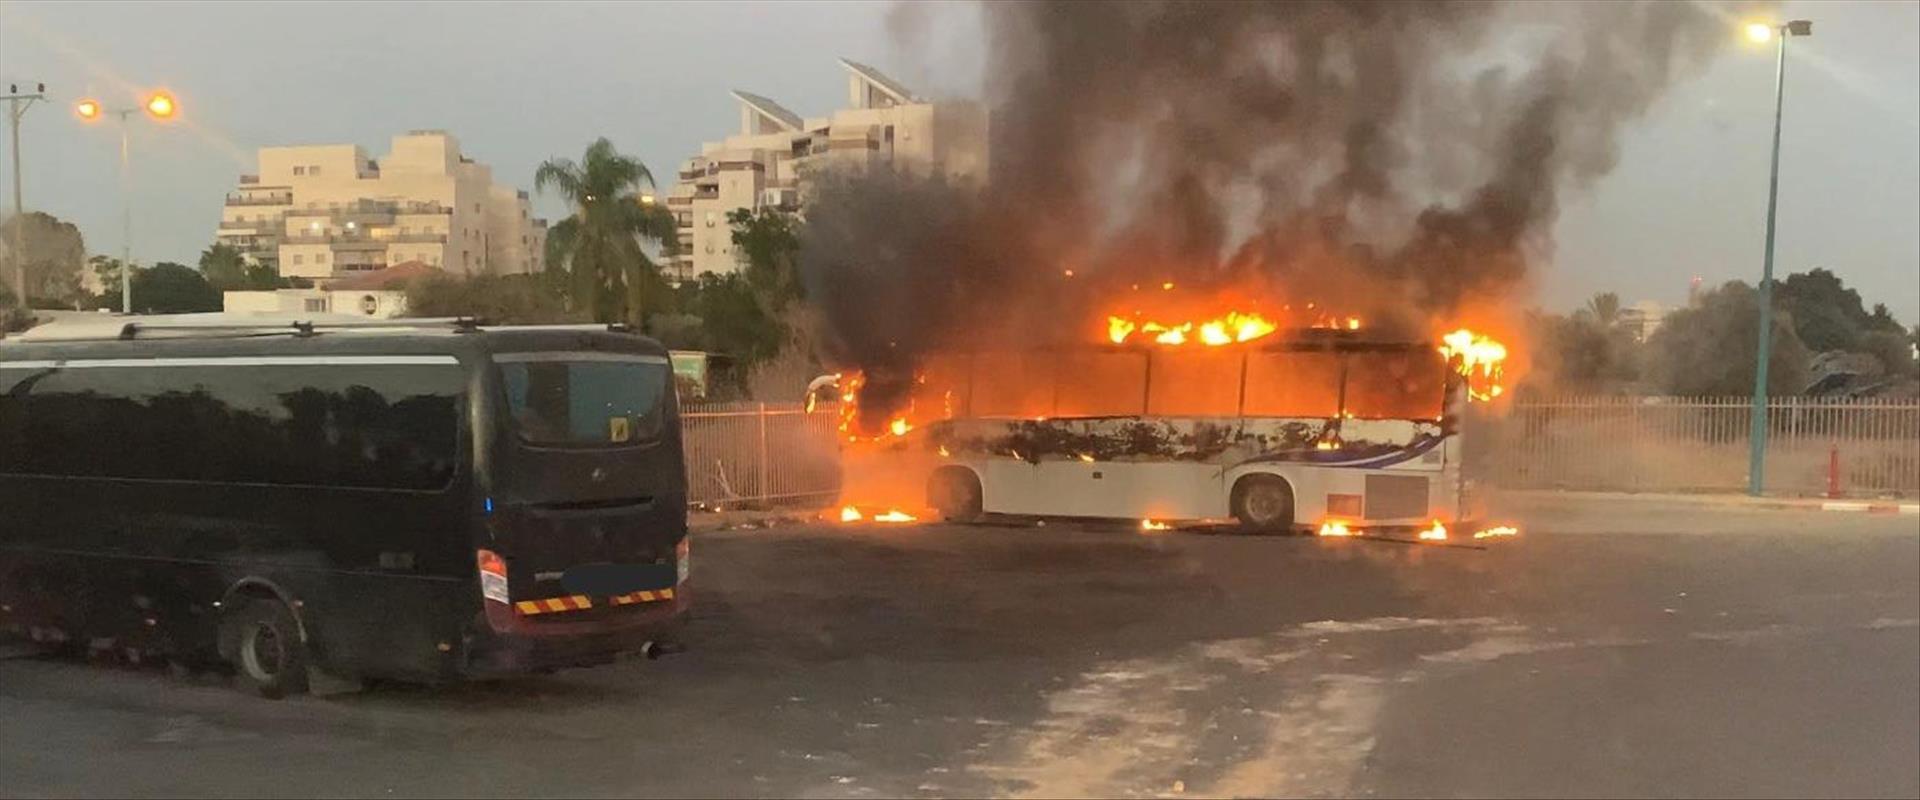 האוטובוס שהוצת